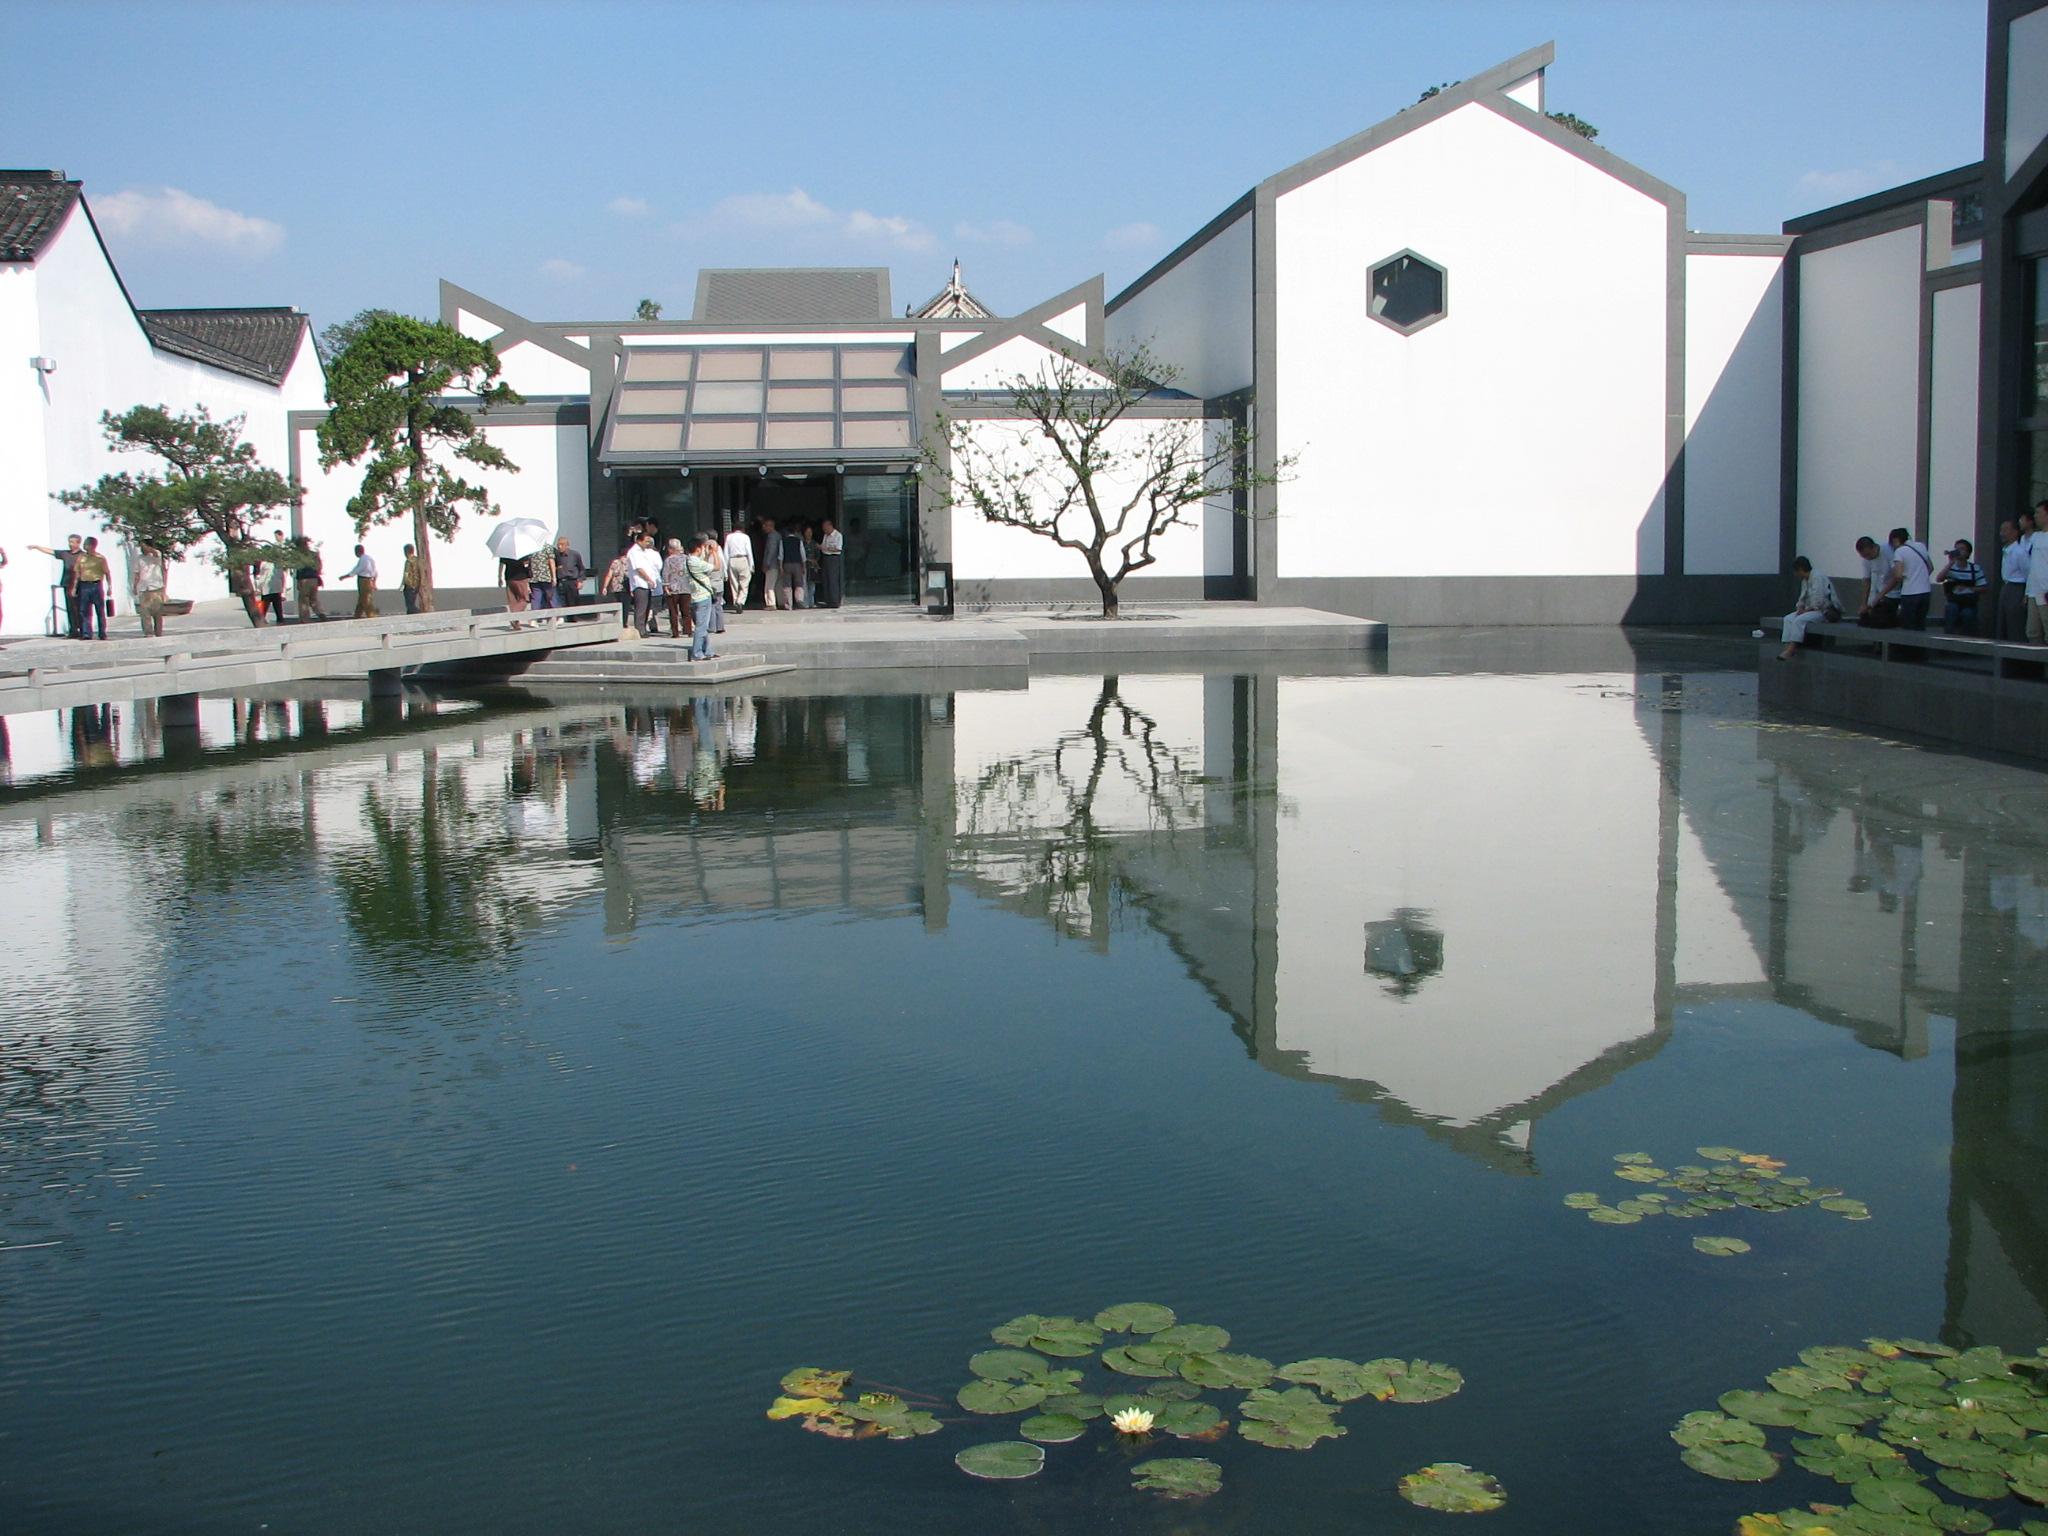 """苏州博物馆包括2006年起开放的新馆和太平天国忠王府古建筑(旧馆)两部分,整个博物馆就像一座小园林。在新馆内,可以看到从远古到近代的陶器、玉器、书画等文物;在忠王府内,还能看到秀丽典雅的""""苏式彩绘""""。 新馆大门是入口,忠王府大门是出口。进馆后可以好好欣赏一下这座新馆建筑,它由建筑大师贝聿铭设计,有着传统的苏州园林风格,高低错落,深灰色屋面与白墙相配,清新雅致。屋顶上金字塔形的玻璃天窗让博物馆内充满自然光线,在大门、天窗廊道、凉厅及各展厅都可以看到这个特点。馆中还有庭院、水池、石桥,"""